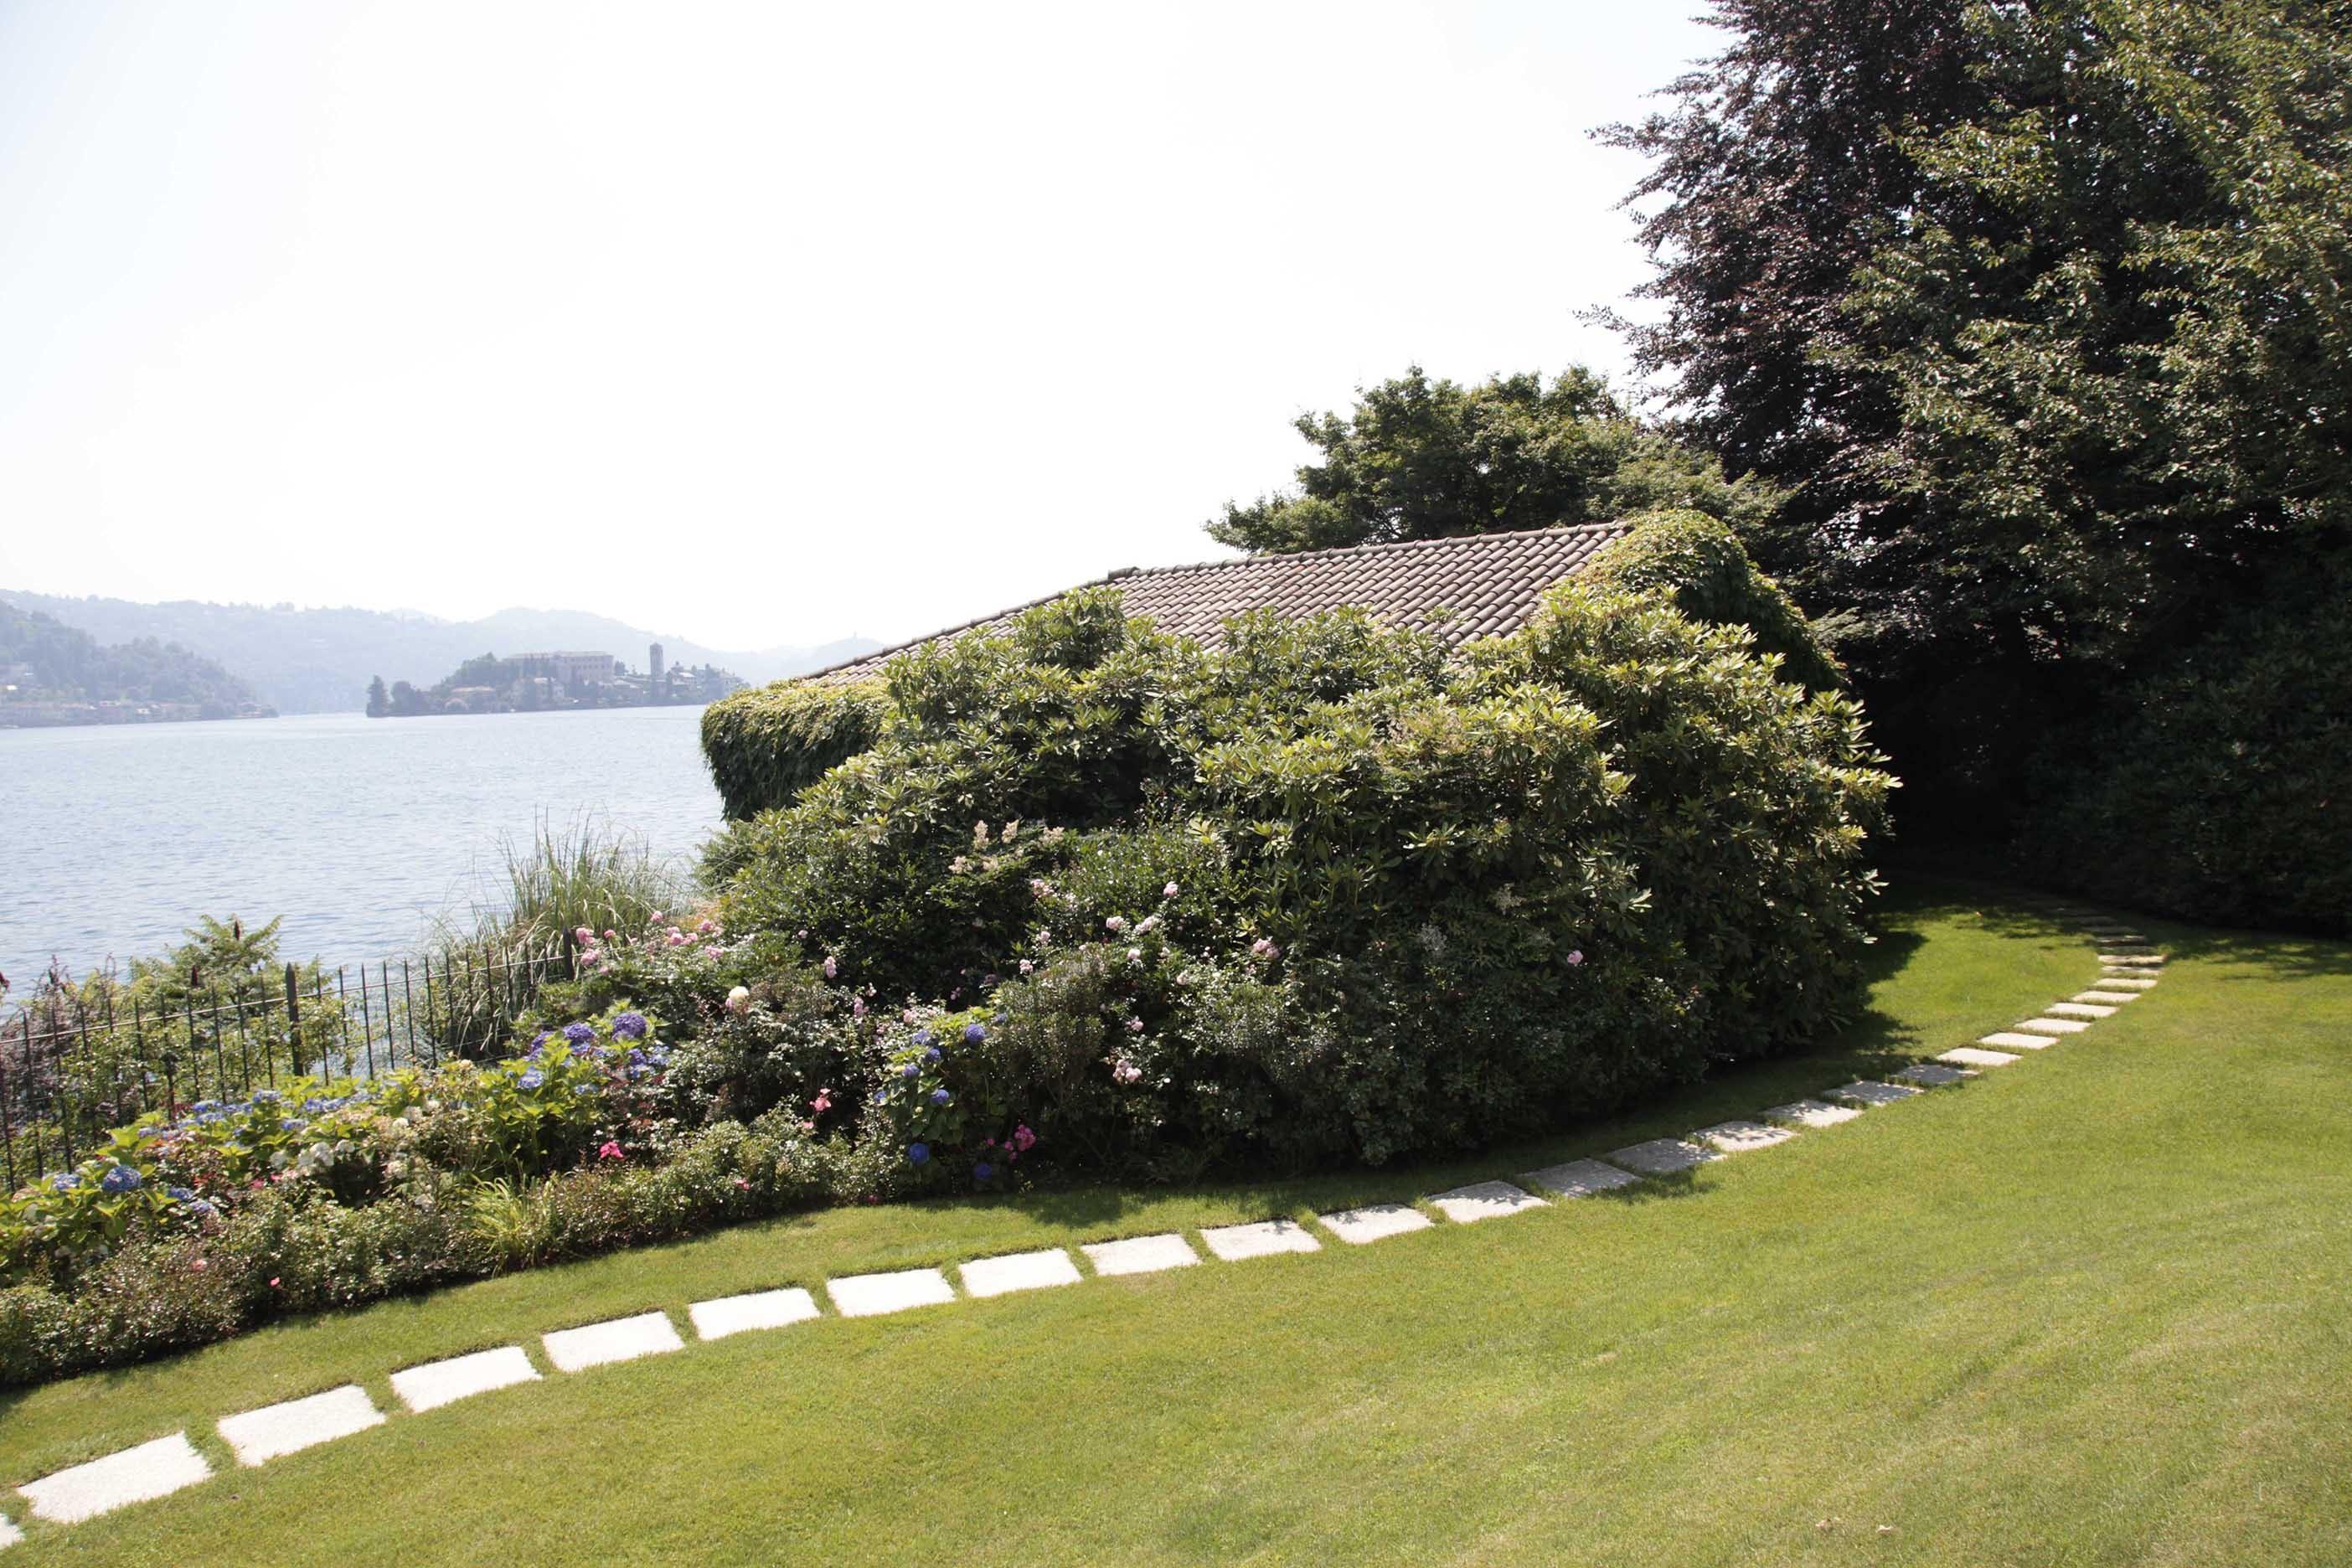 Affacciata sul lago la dimora risplende di nuova luce - Giardini